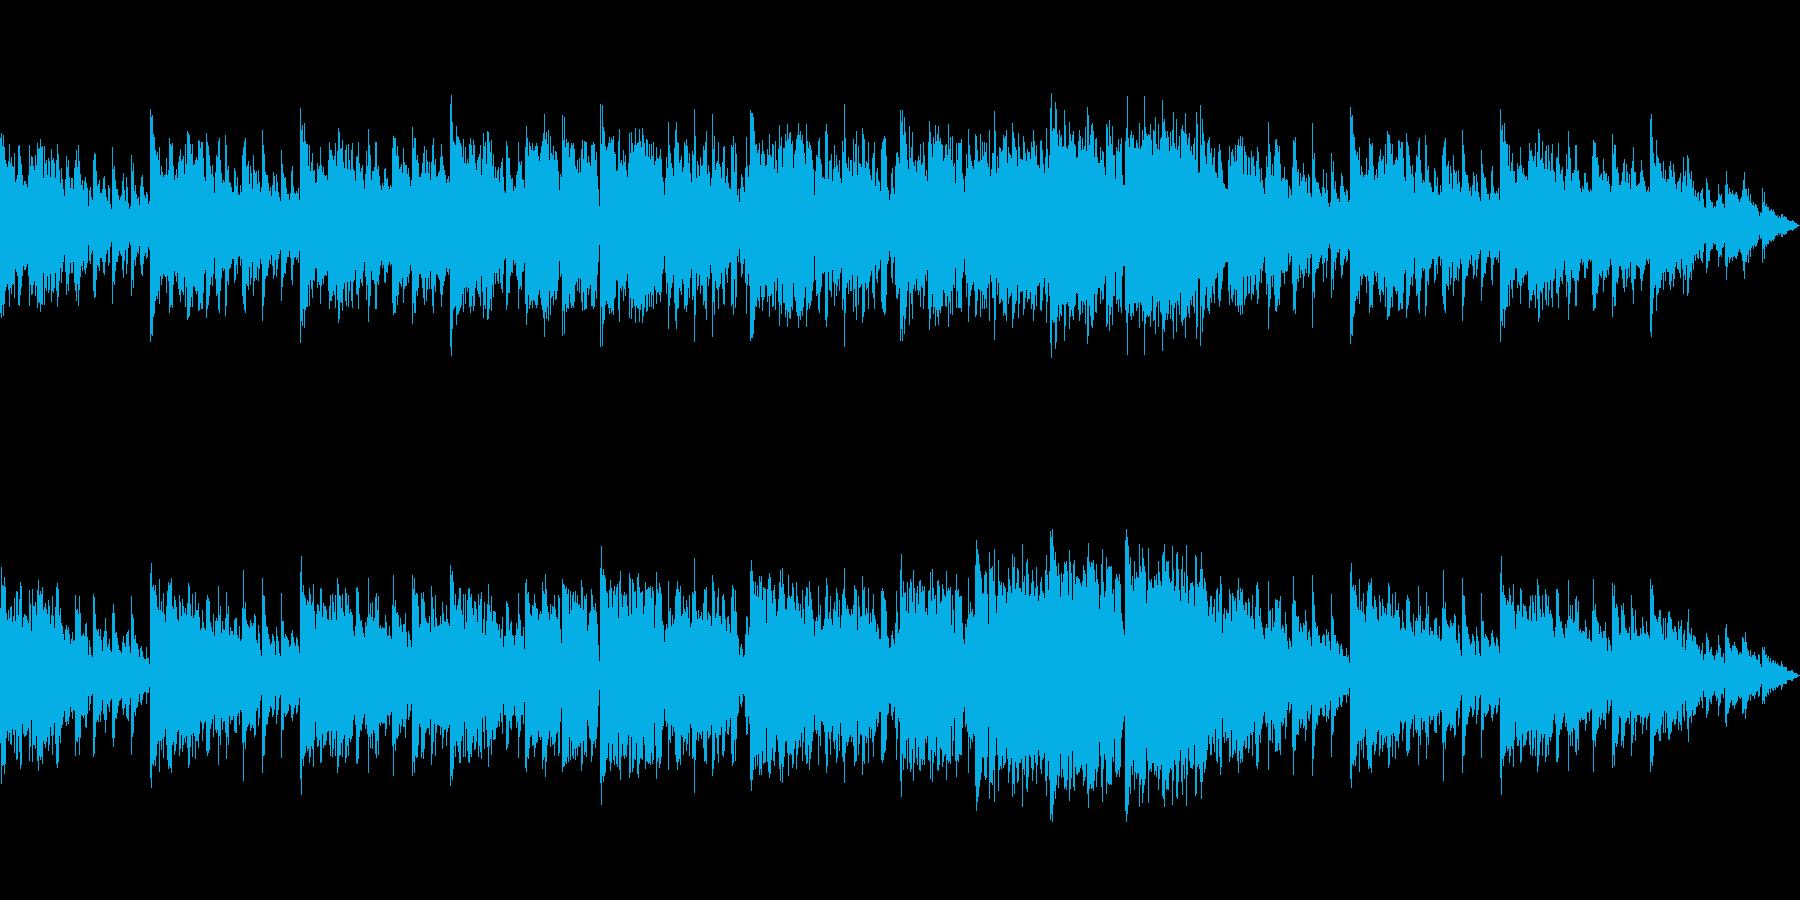 オシャレでビート感のあるジングルの再生済みの波形